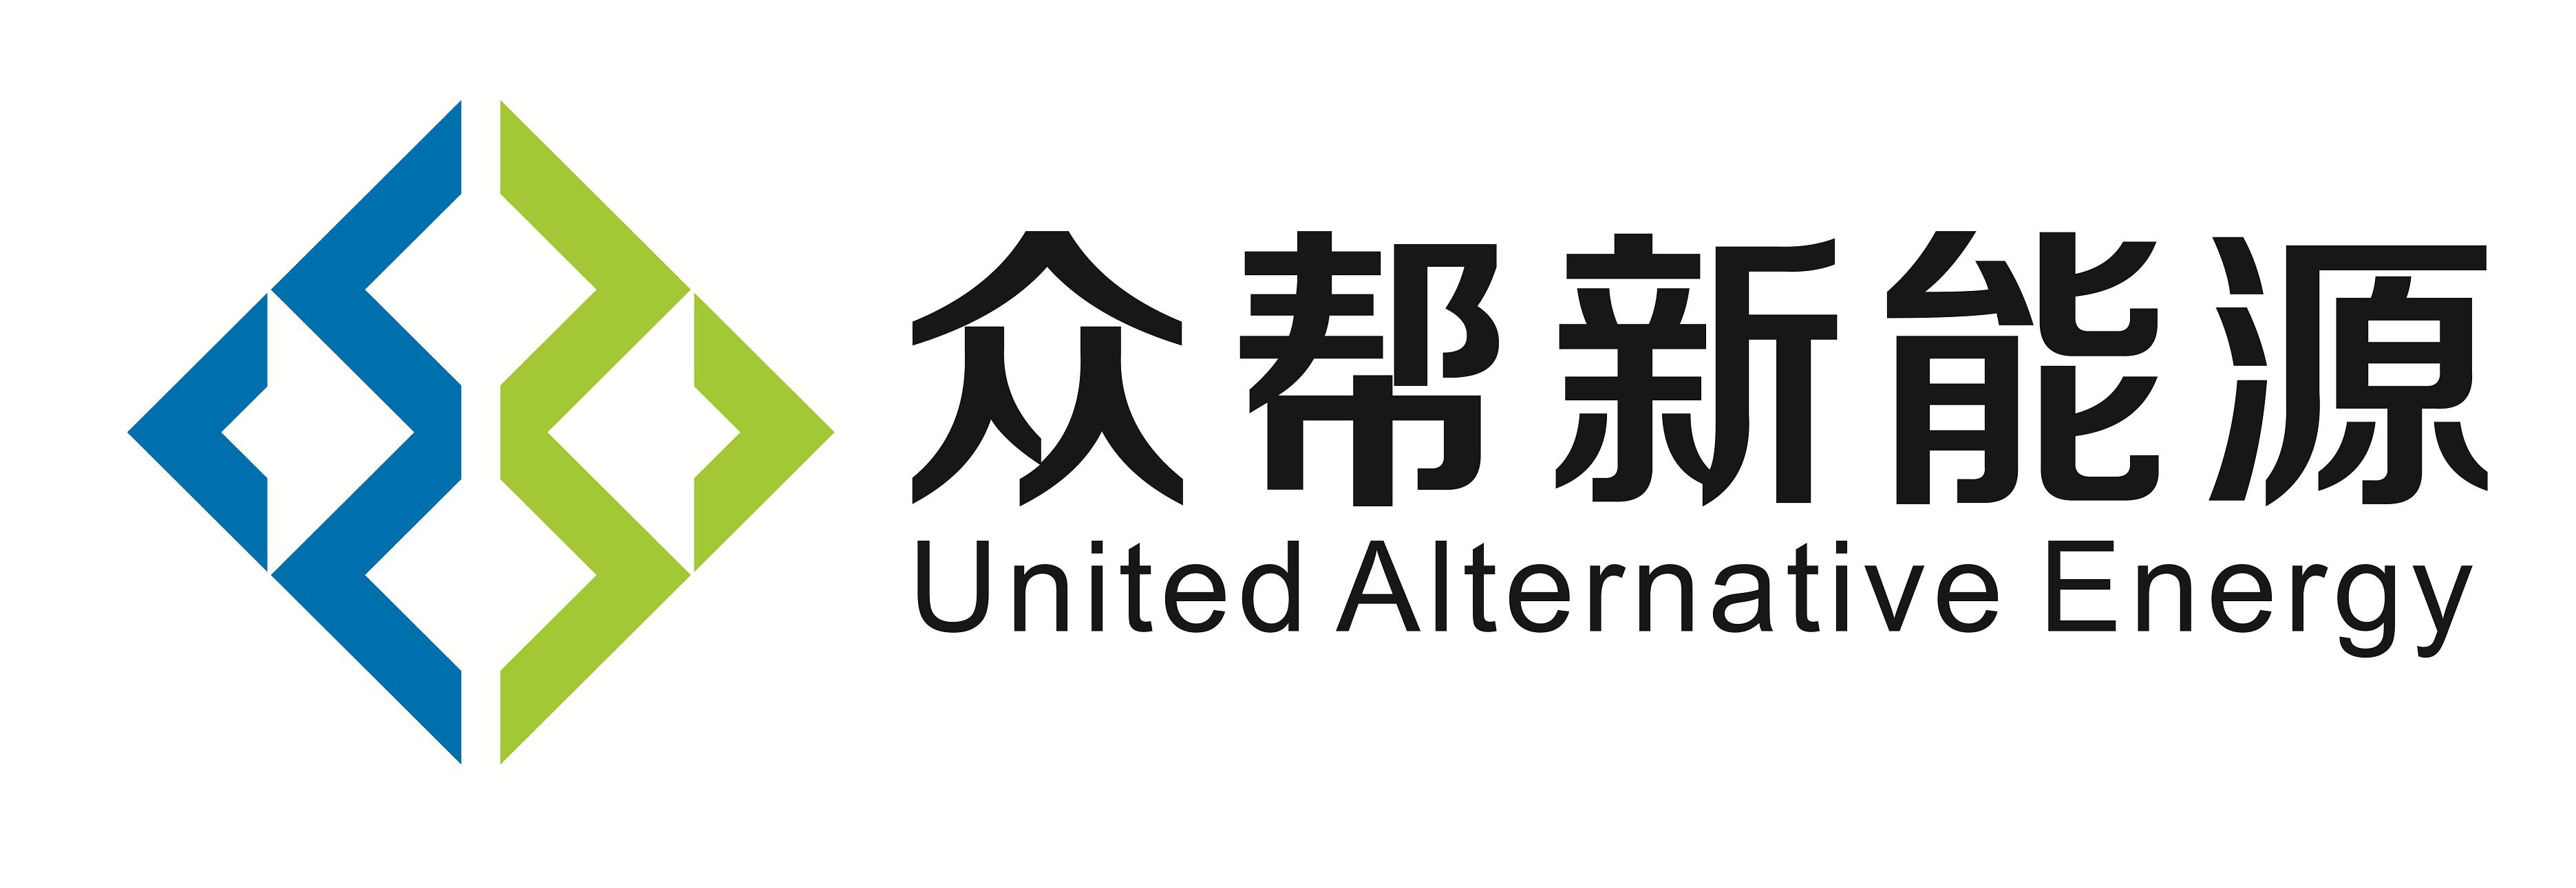 广东众帮新能源产业发展有限公司